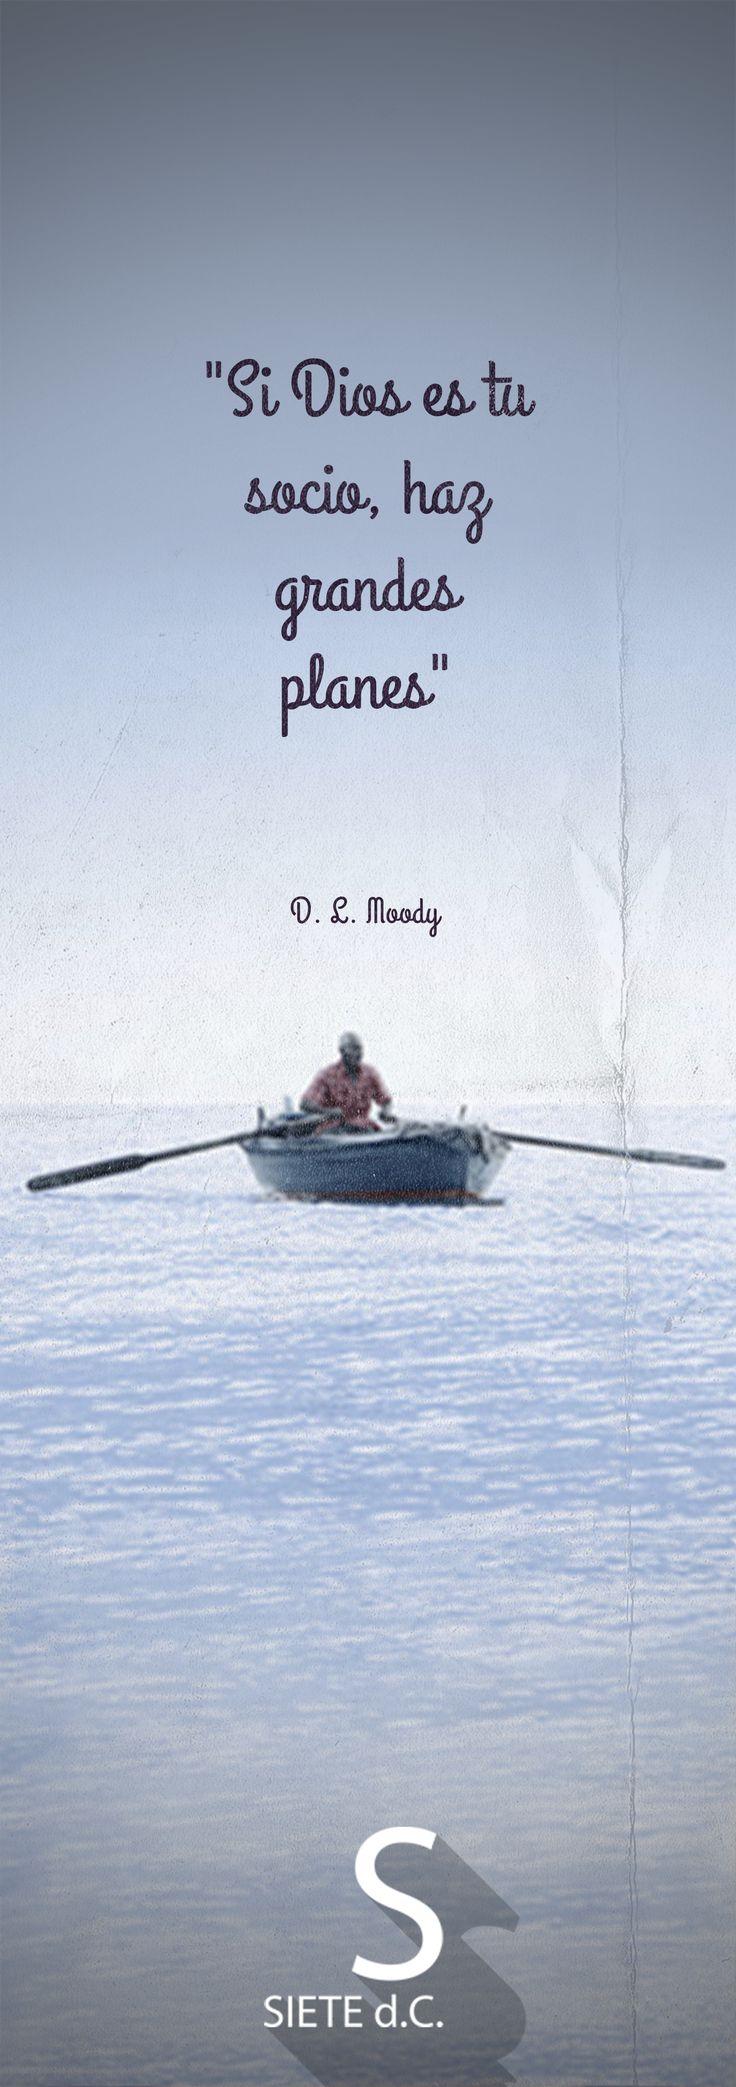 D. L. Moody